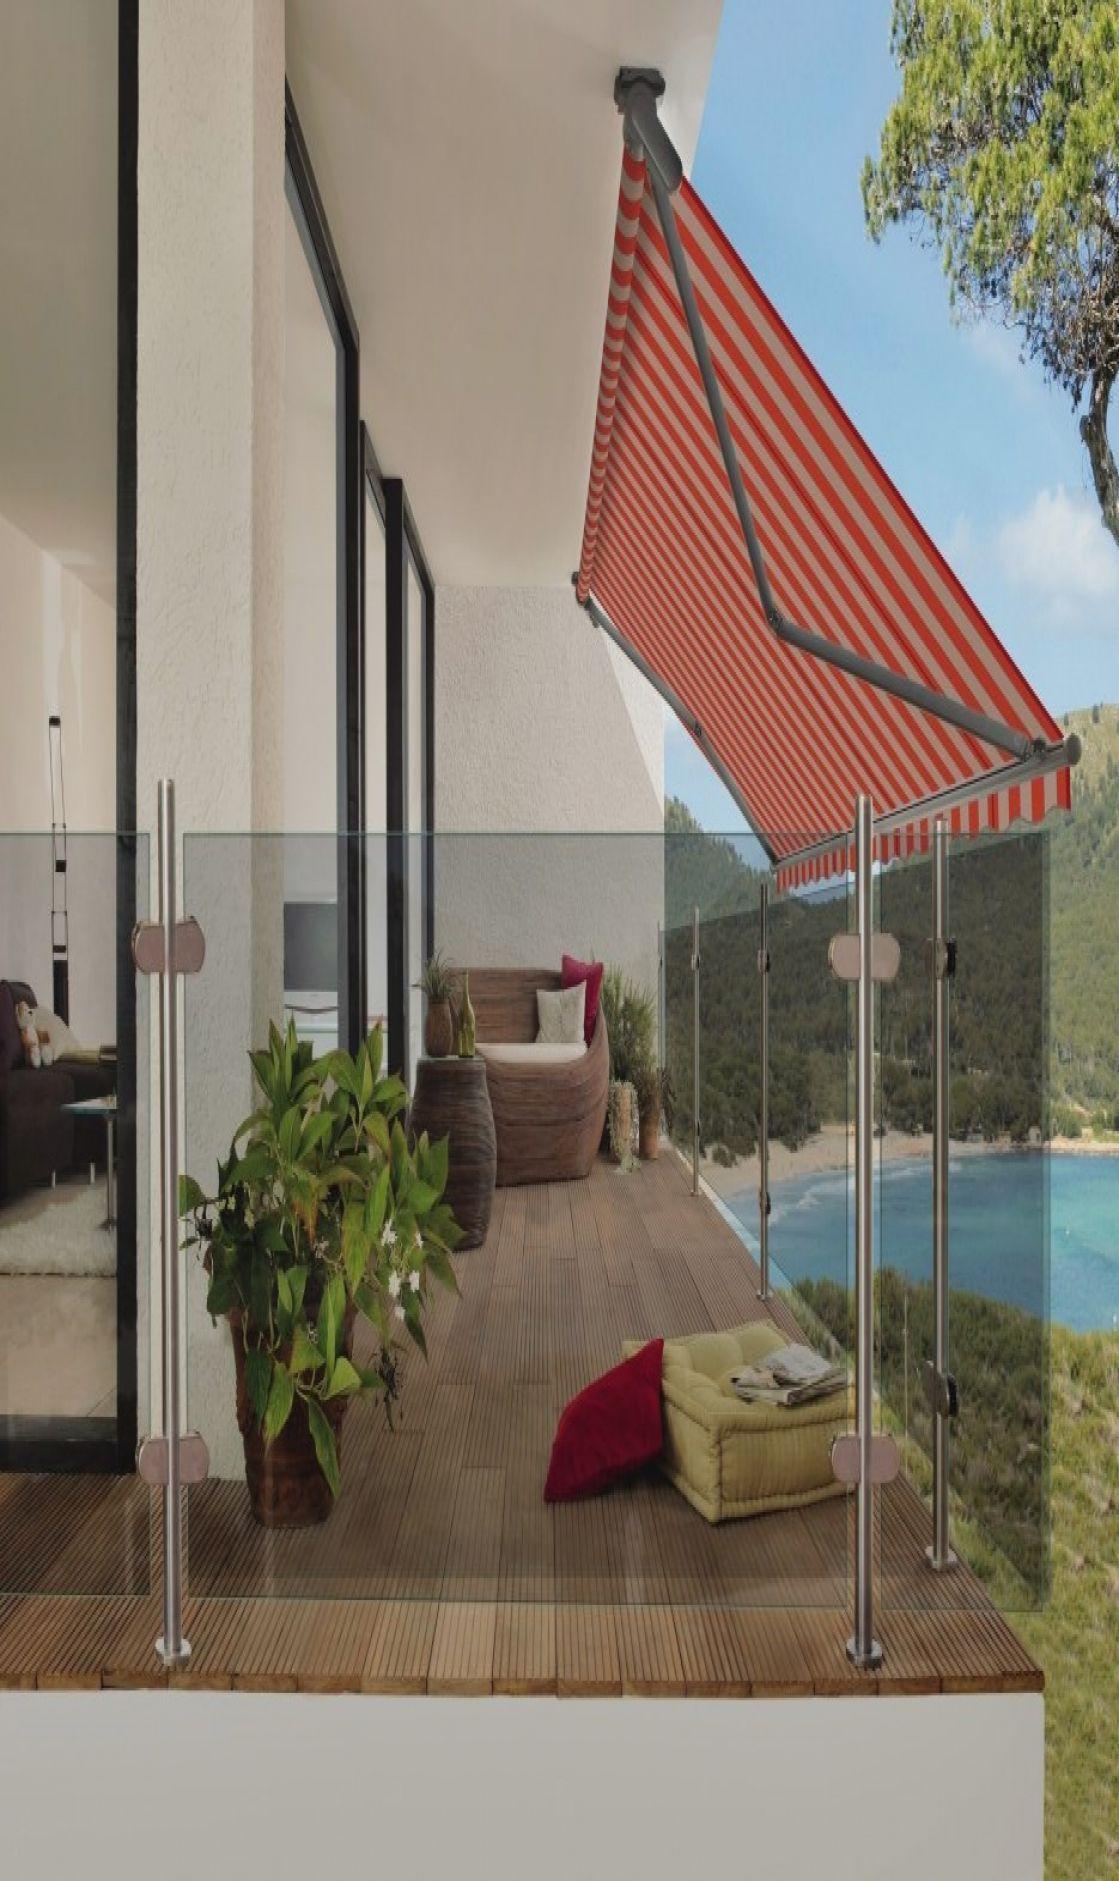 Full Size of Paravent Balkon Ikea Balkonmbel Beste Schrank Küche Kosten Garten Betten 160x200 Modulküche Miniküche Sofa Mit Schlaffunktion Bei Kaufen Wohnzimmer Paravent Balkon Ikea